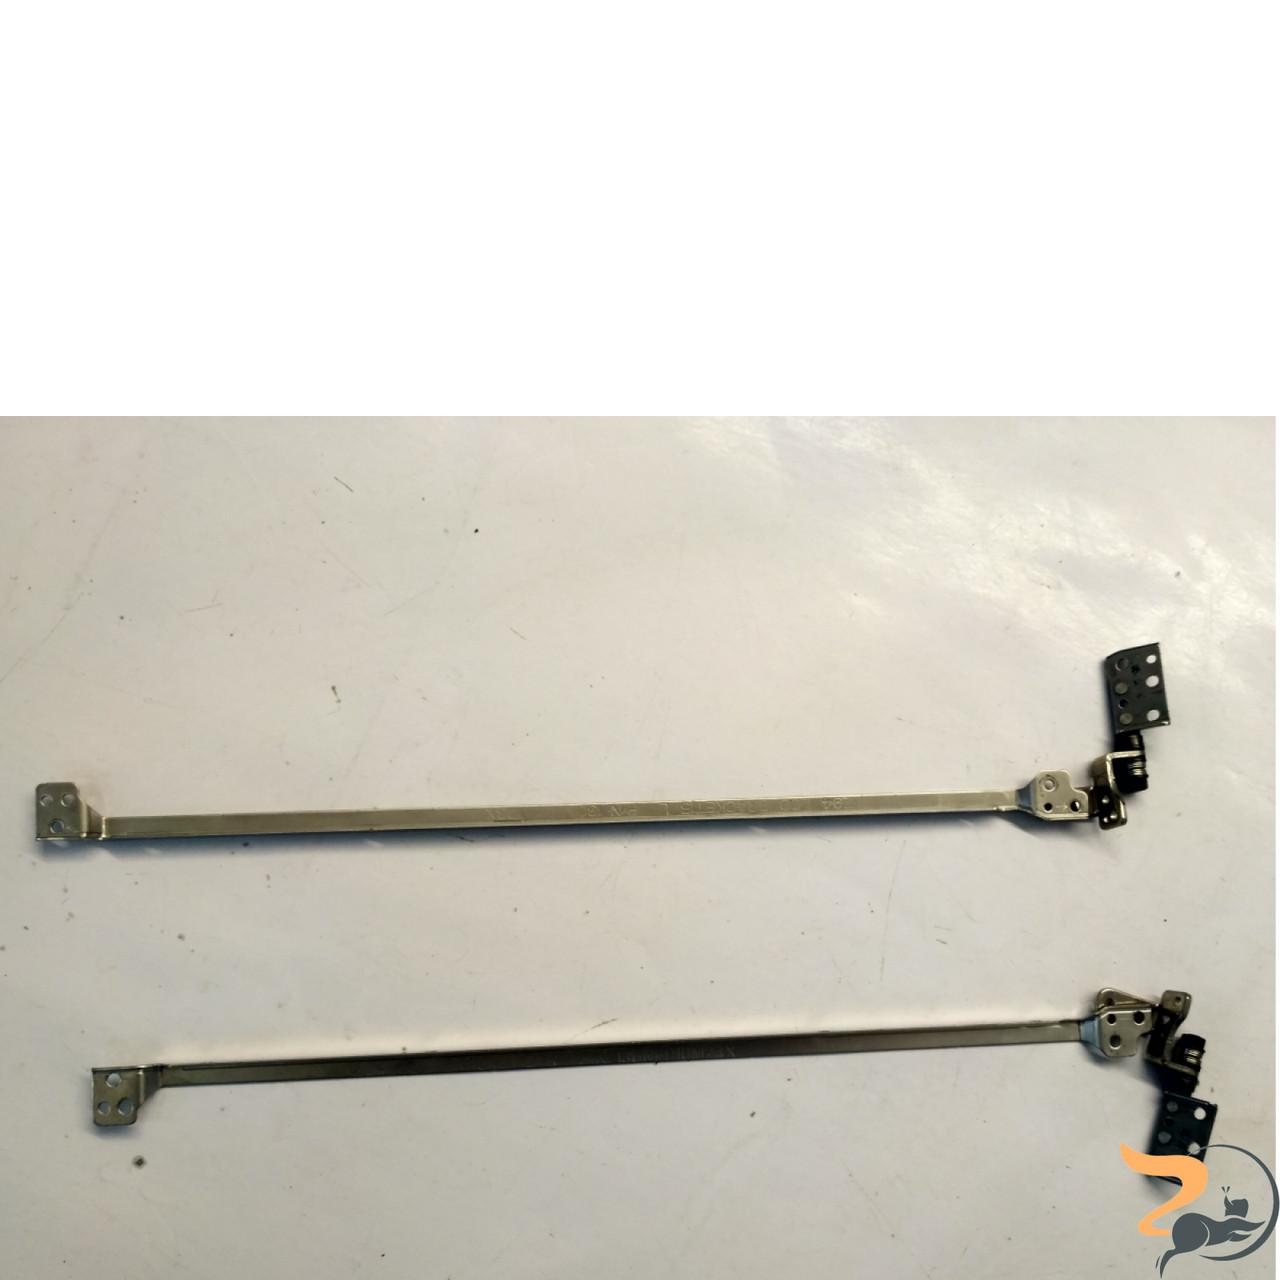 Петлі для ноутбука Asus A9RP, 13GNF010M23X, Б/В, в хорошому стані, без пошкоджень